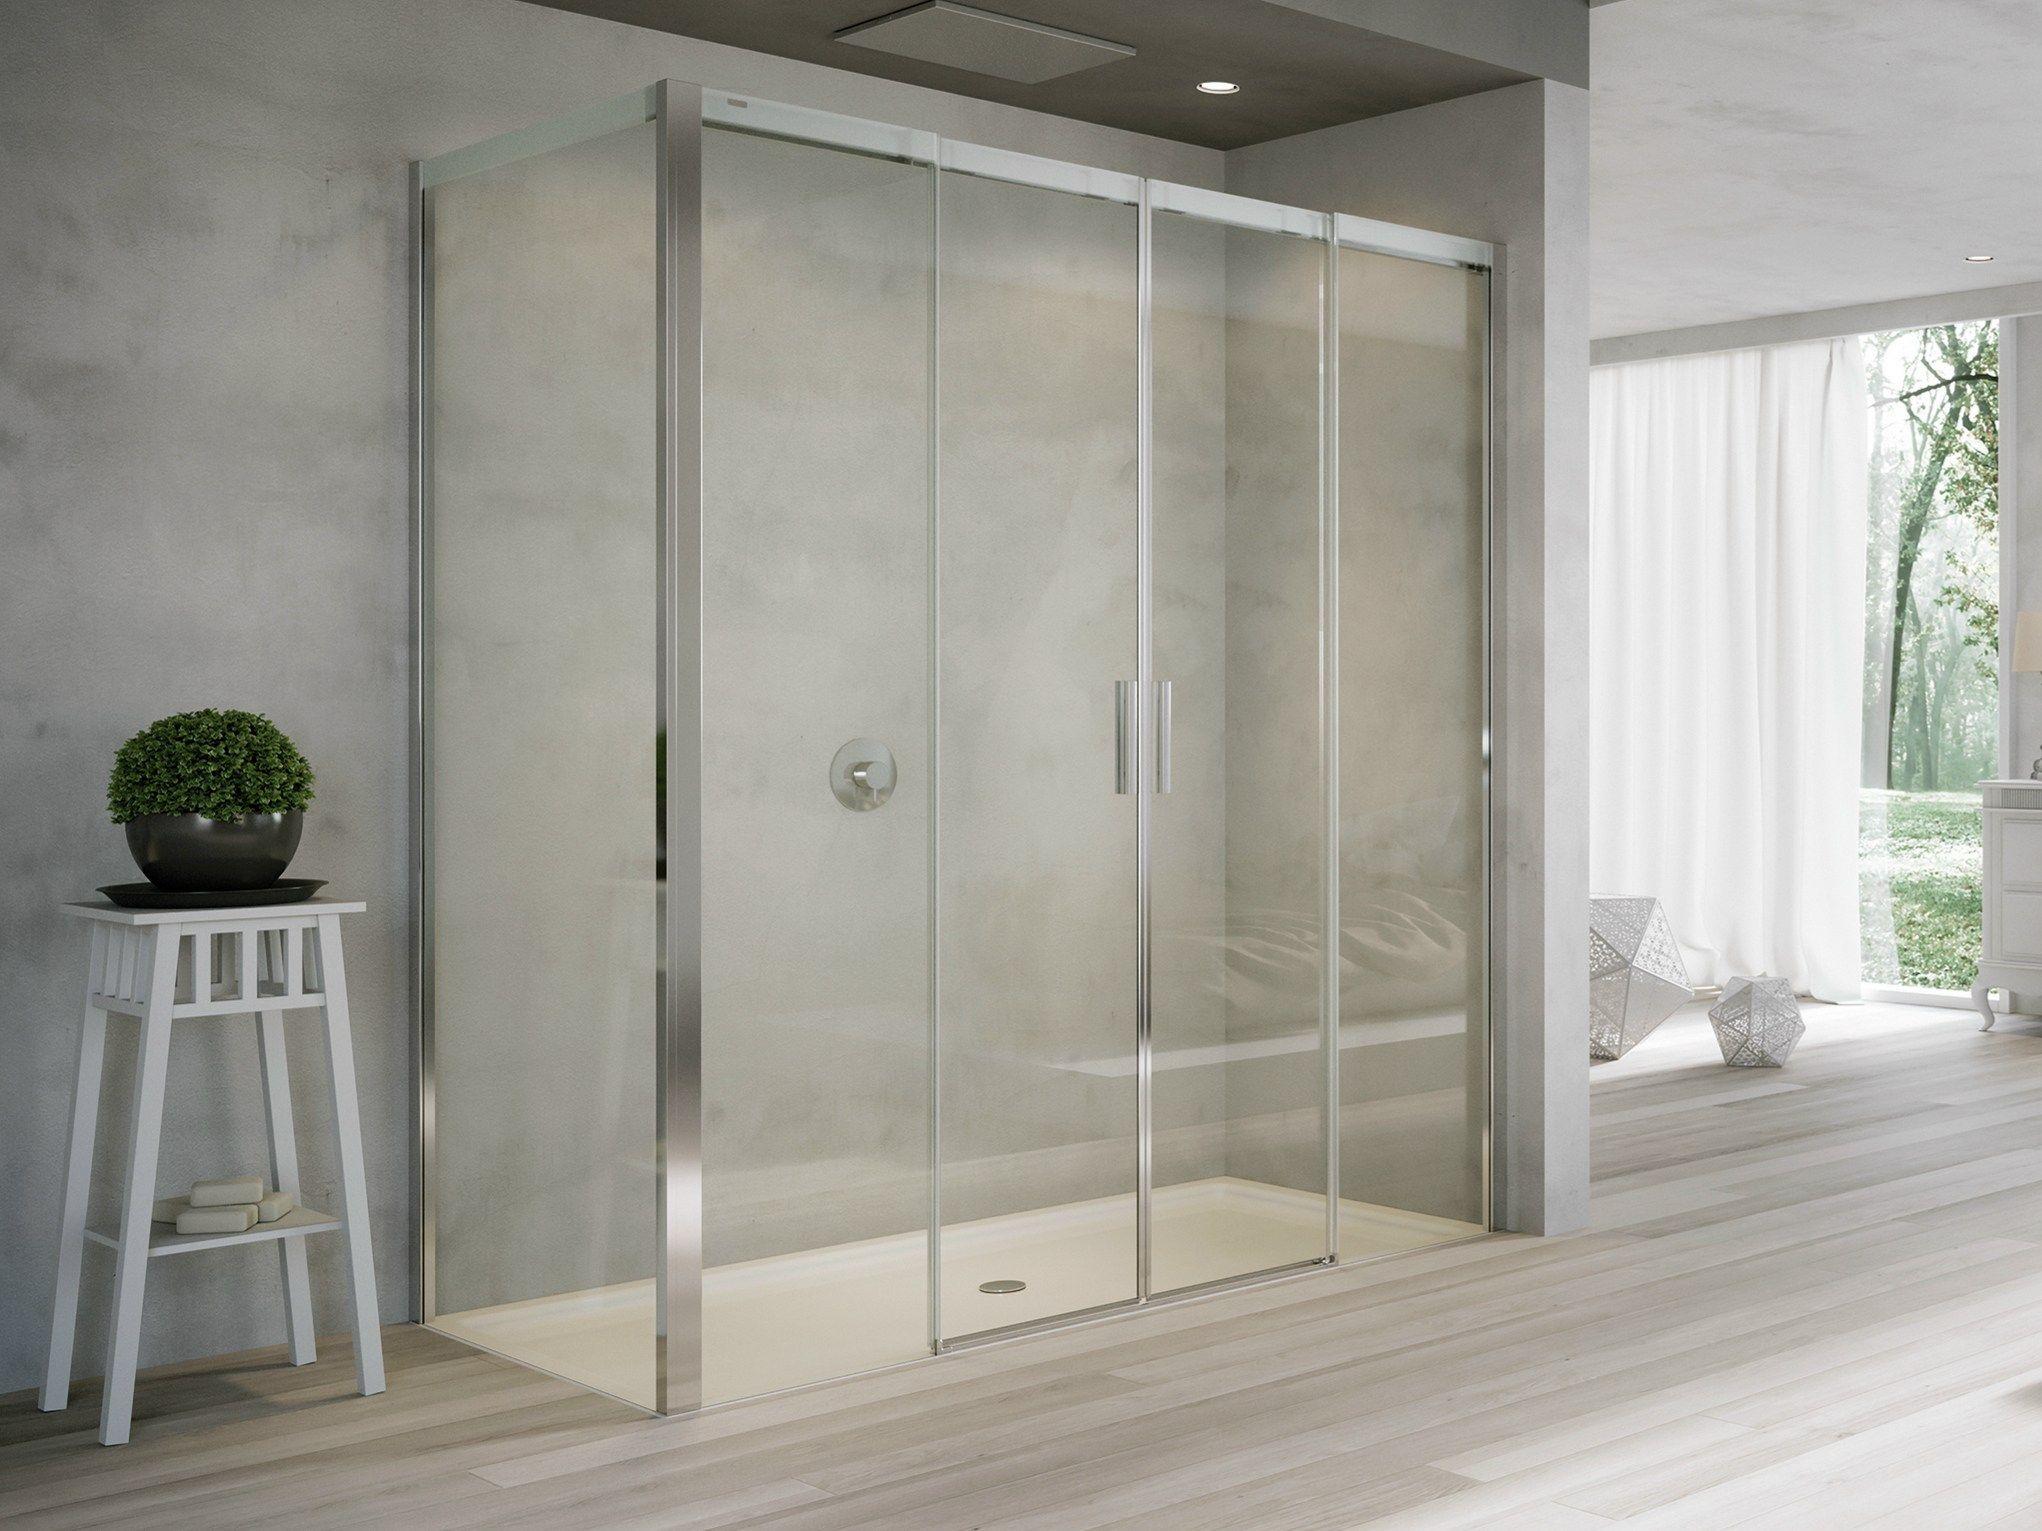 Box doccia in cristallo con porte scorrevoli acqua r 5000 for Camminare attraverso la doccia alla vasca